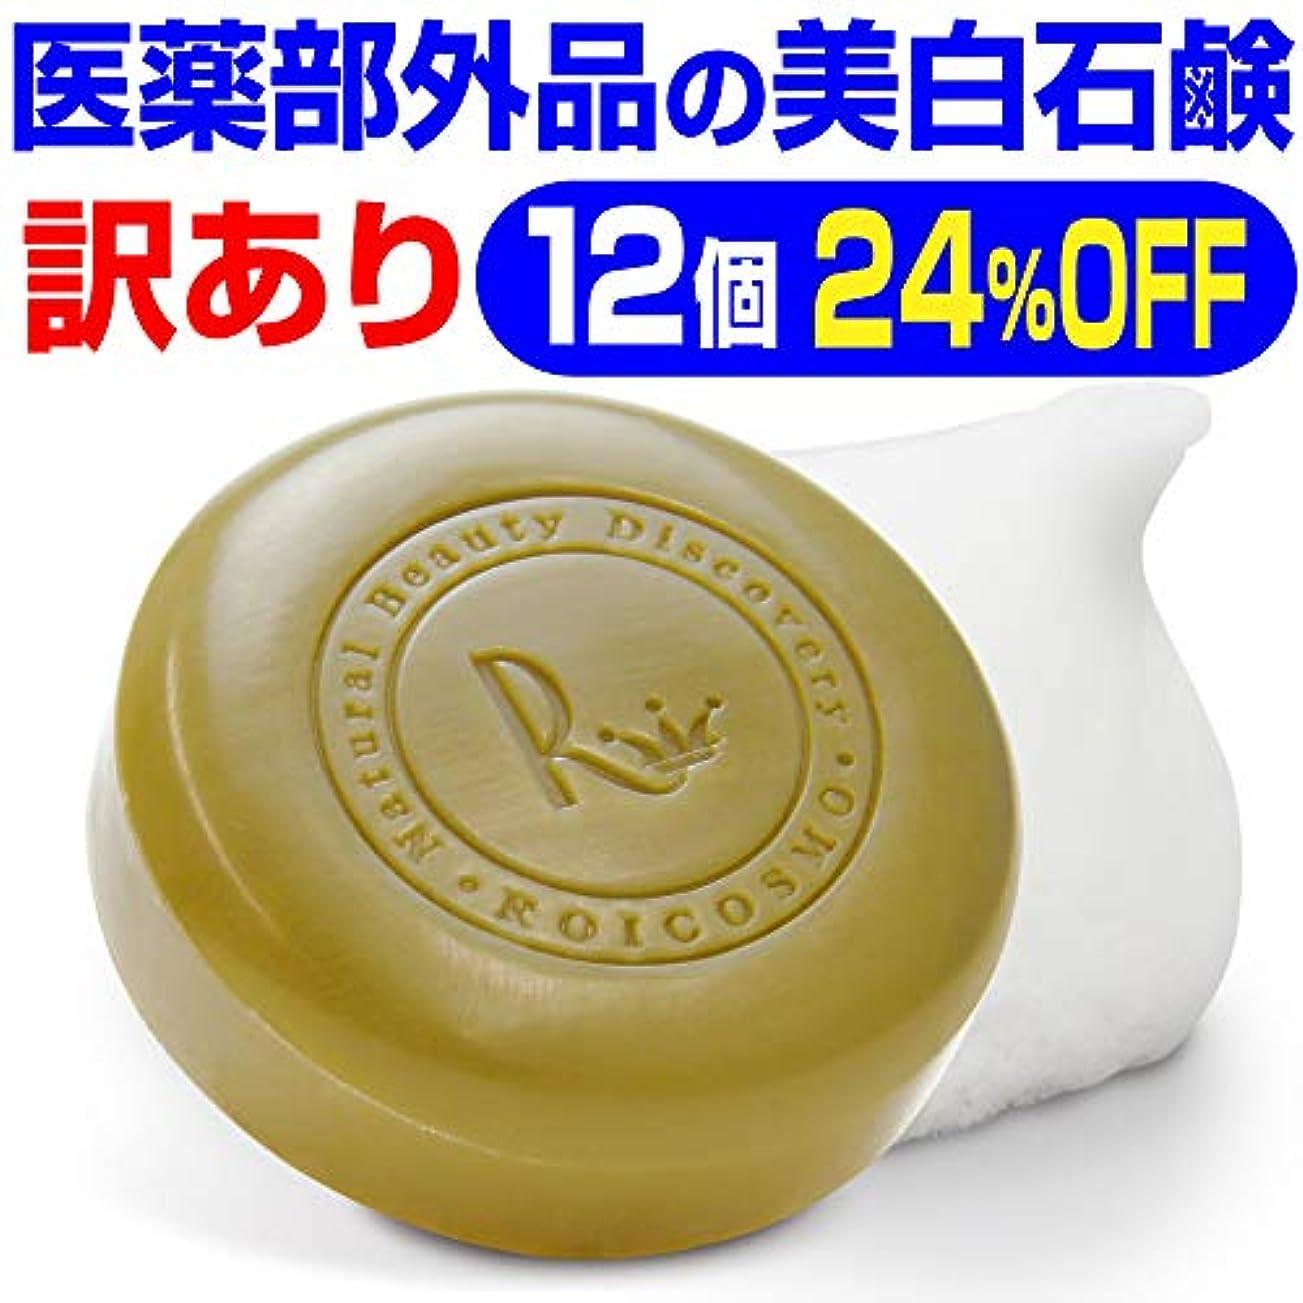 宝過激派メトリック訳あり24%OFF(1個2,036円)売切れ御免 ビタミンC270倍の美白成分の 洗顔石鹸『ホワイトソープ100g×12個』